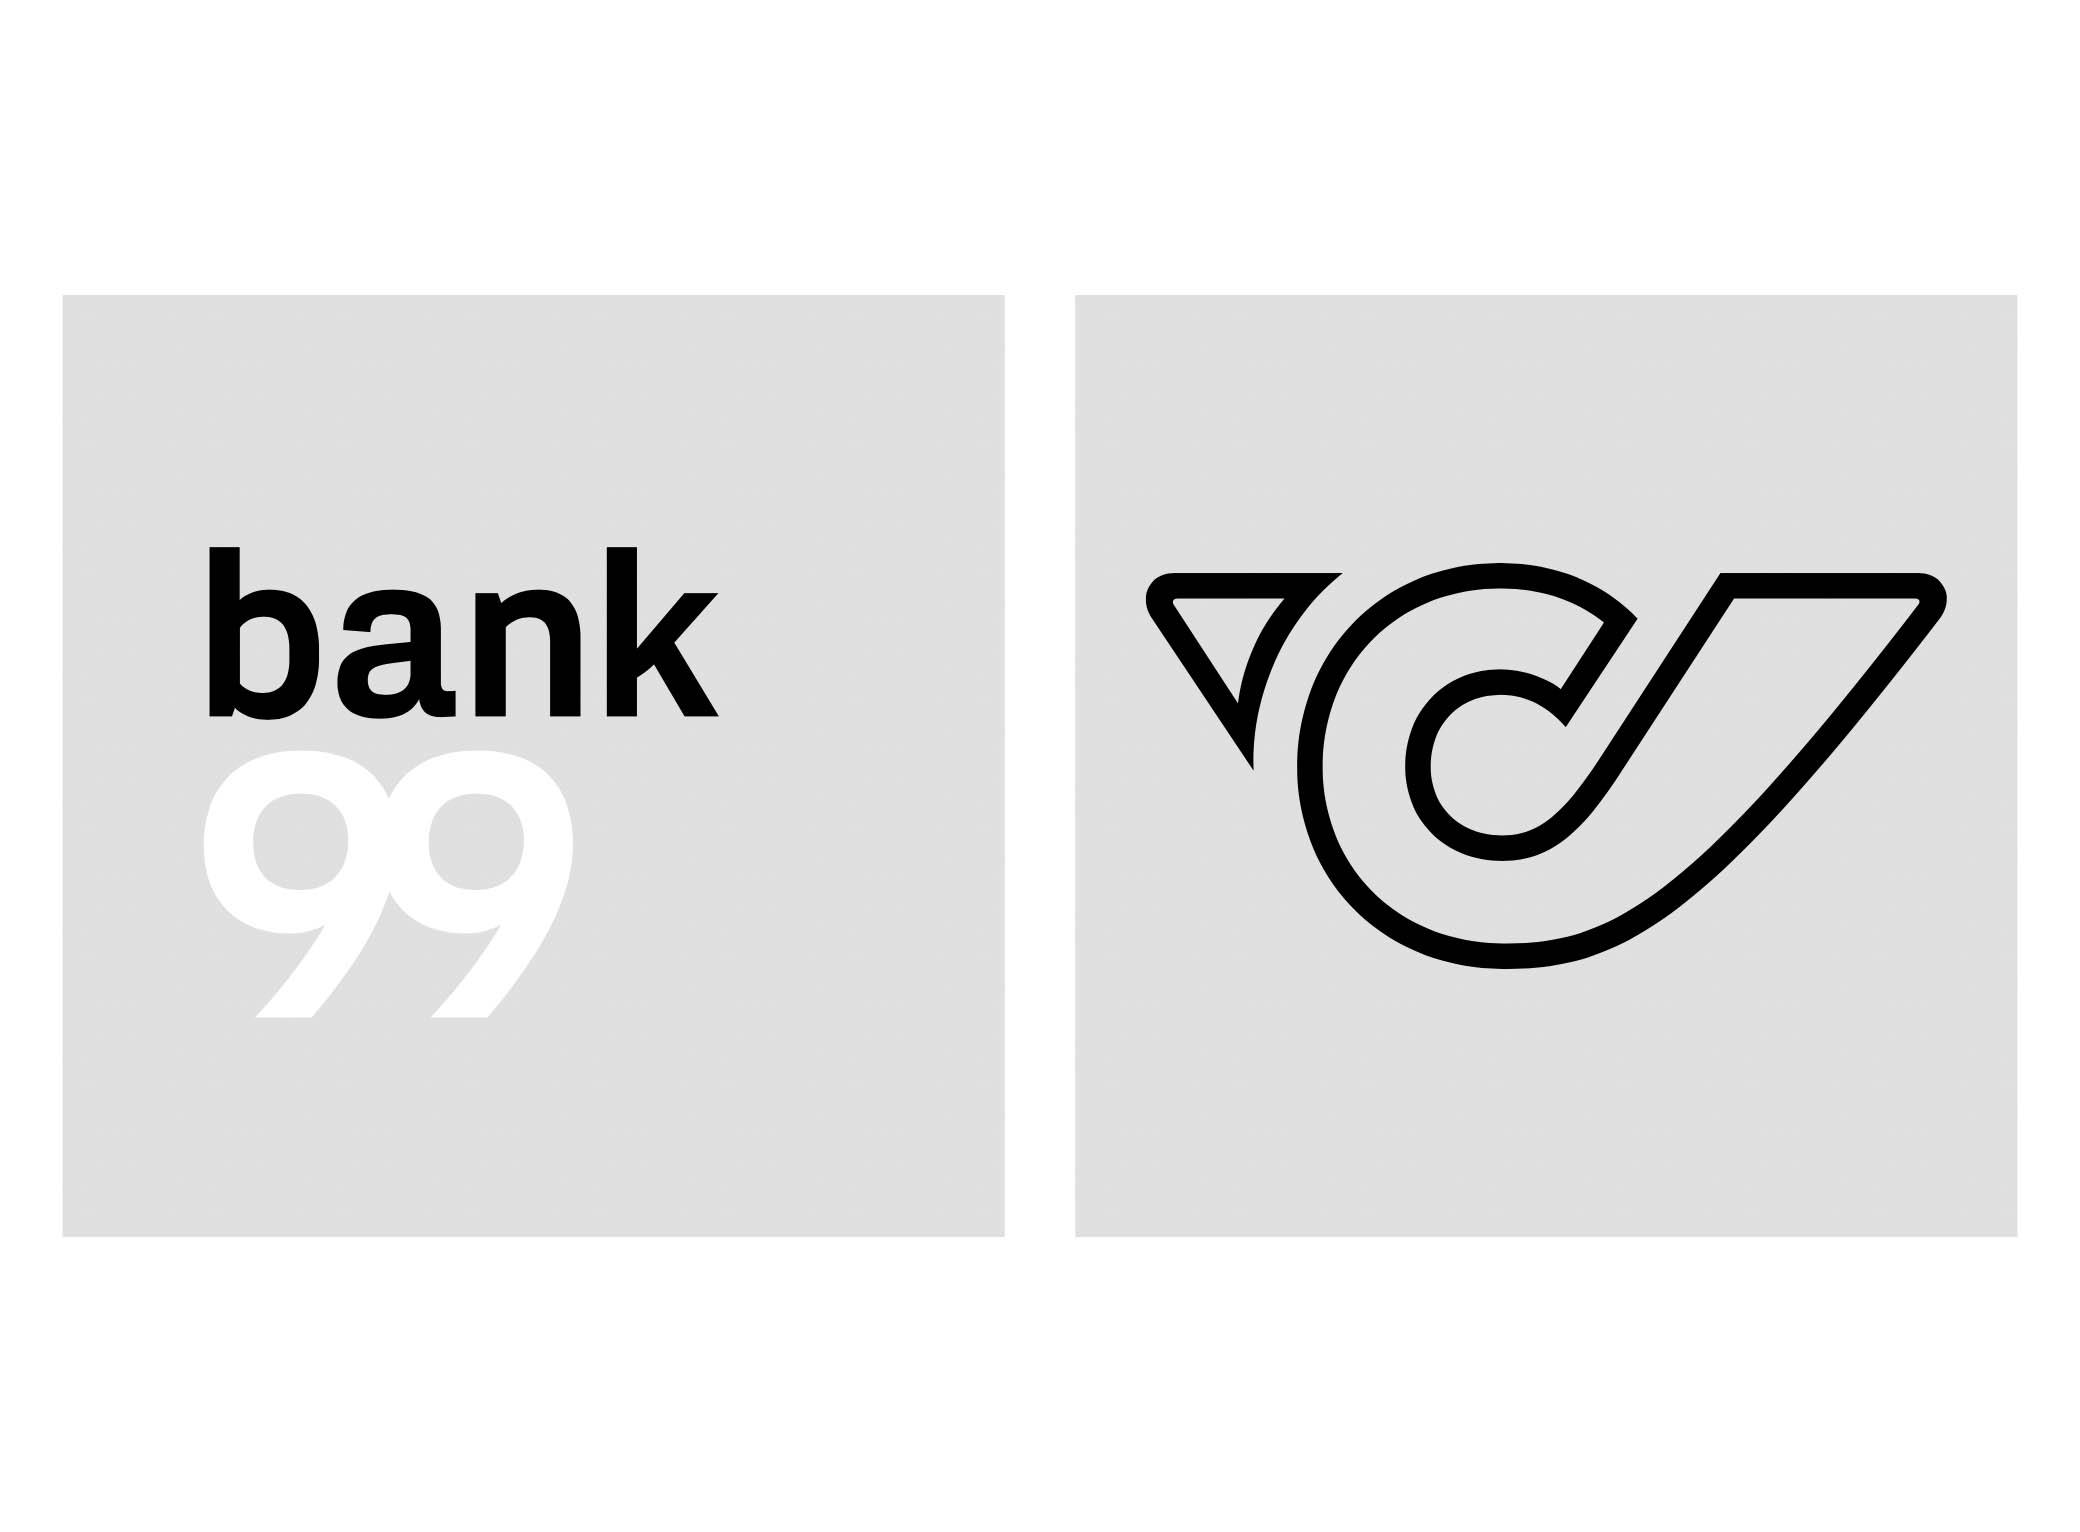 folieren-at-referenzen-kunden-logos-bank